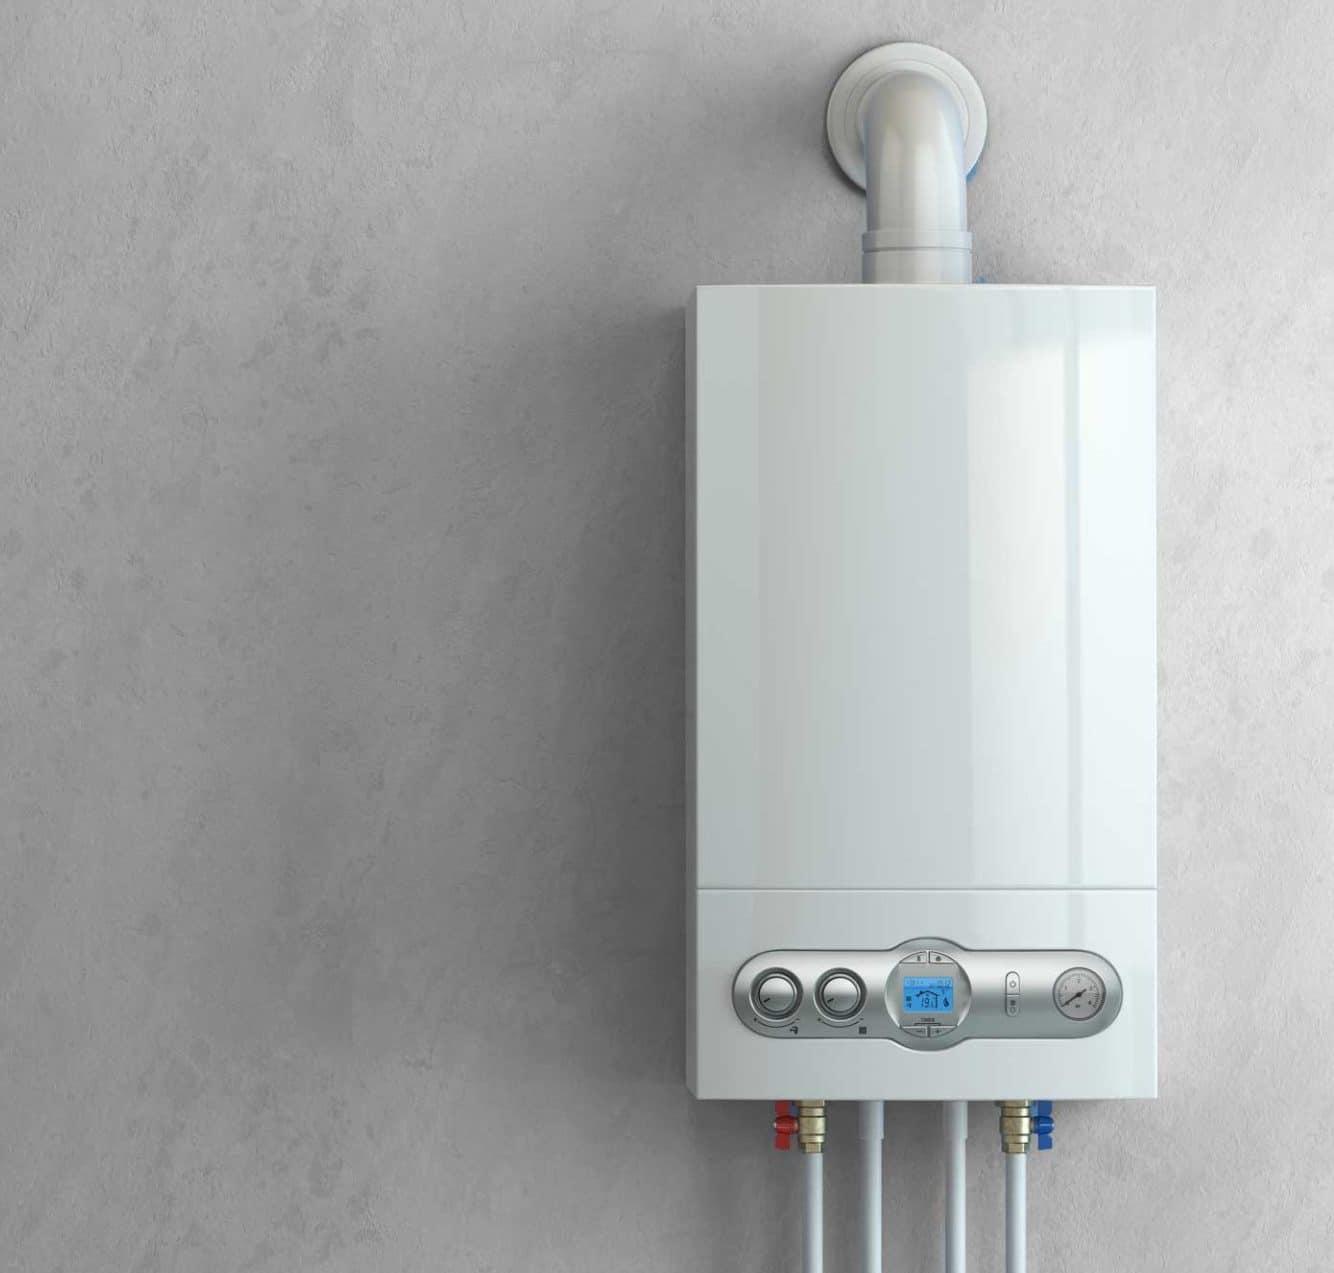 boiler installation Falmouth